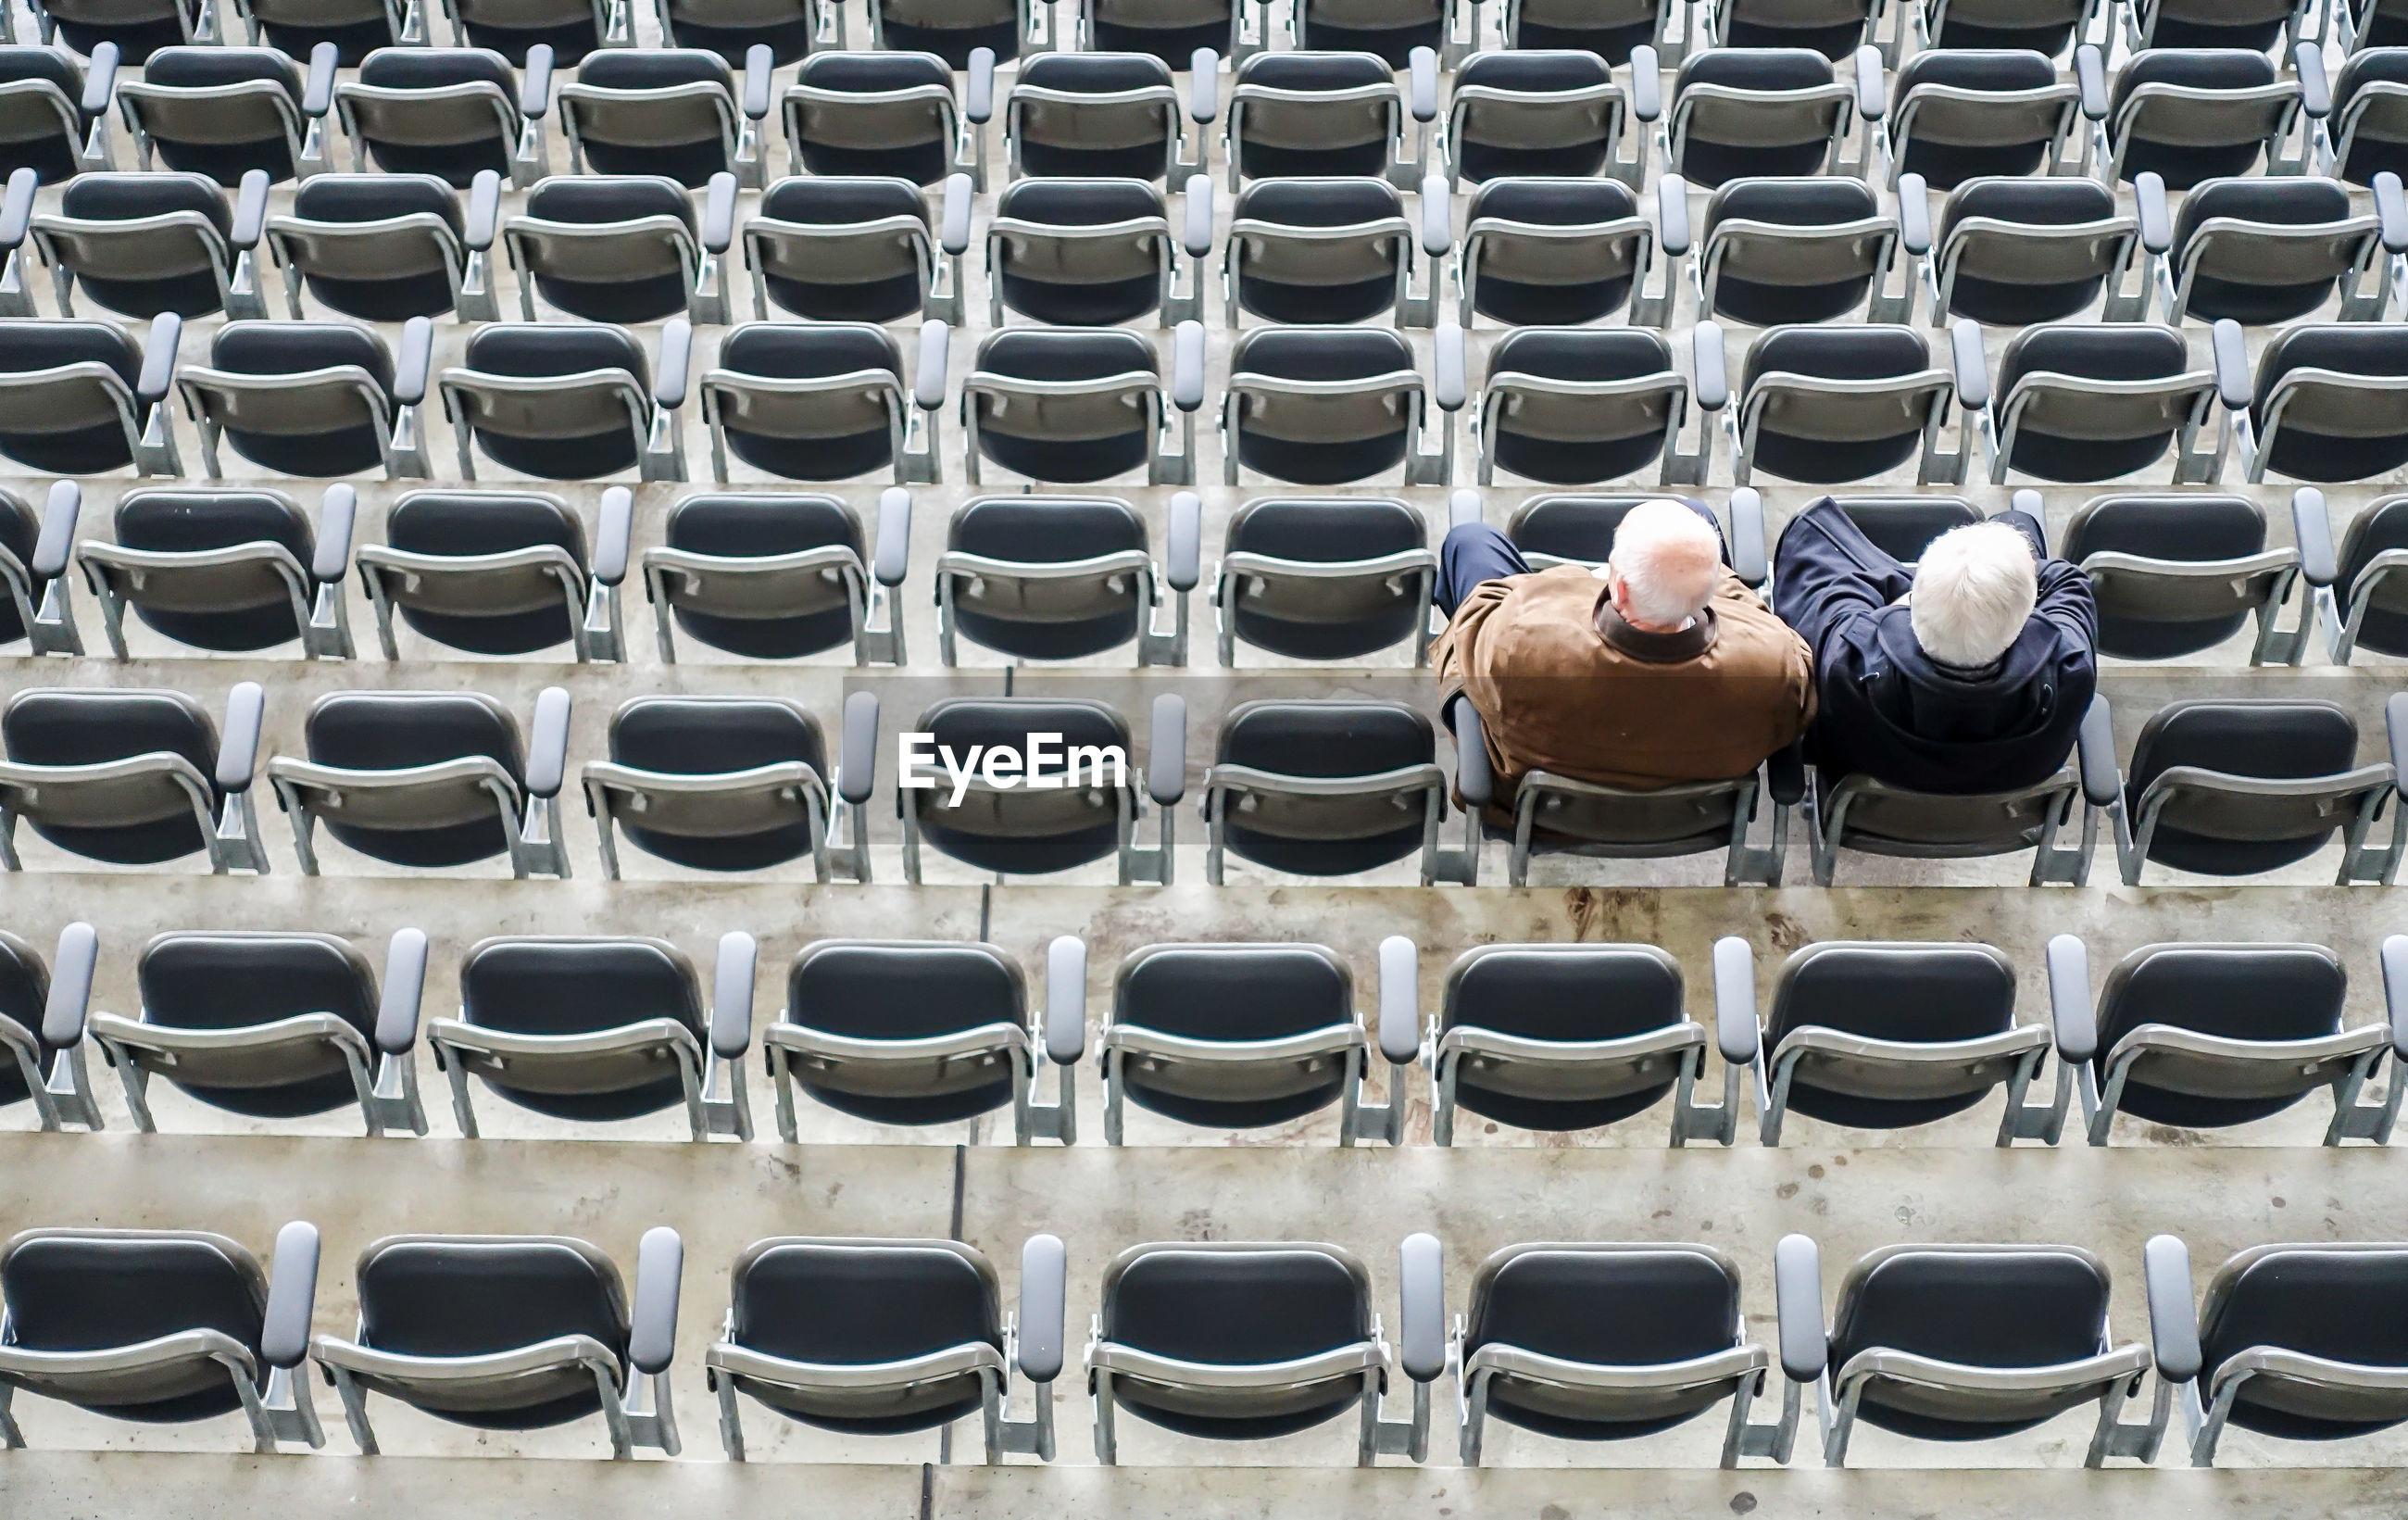 People sitting in stadium